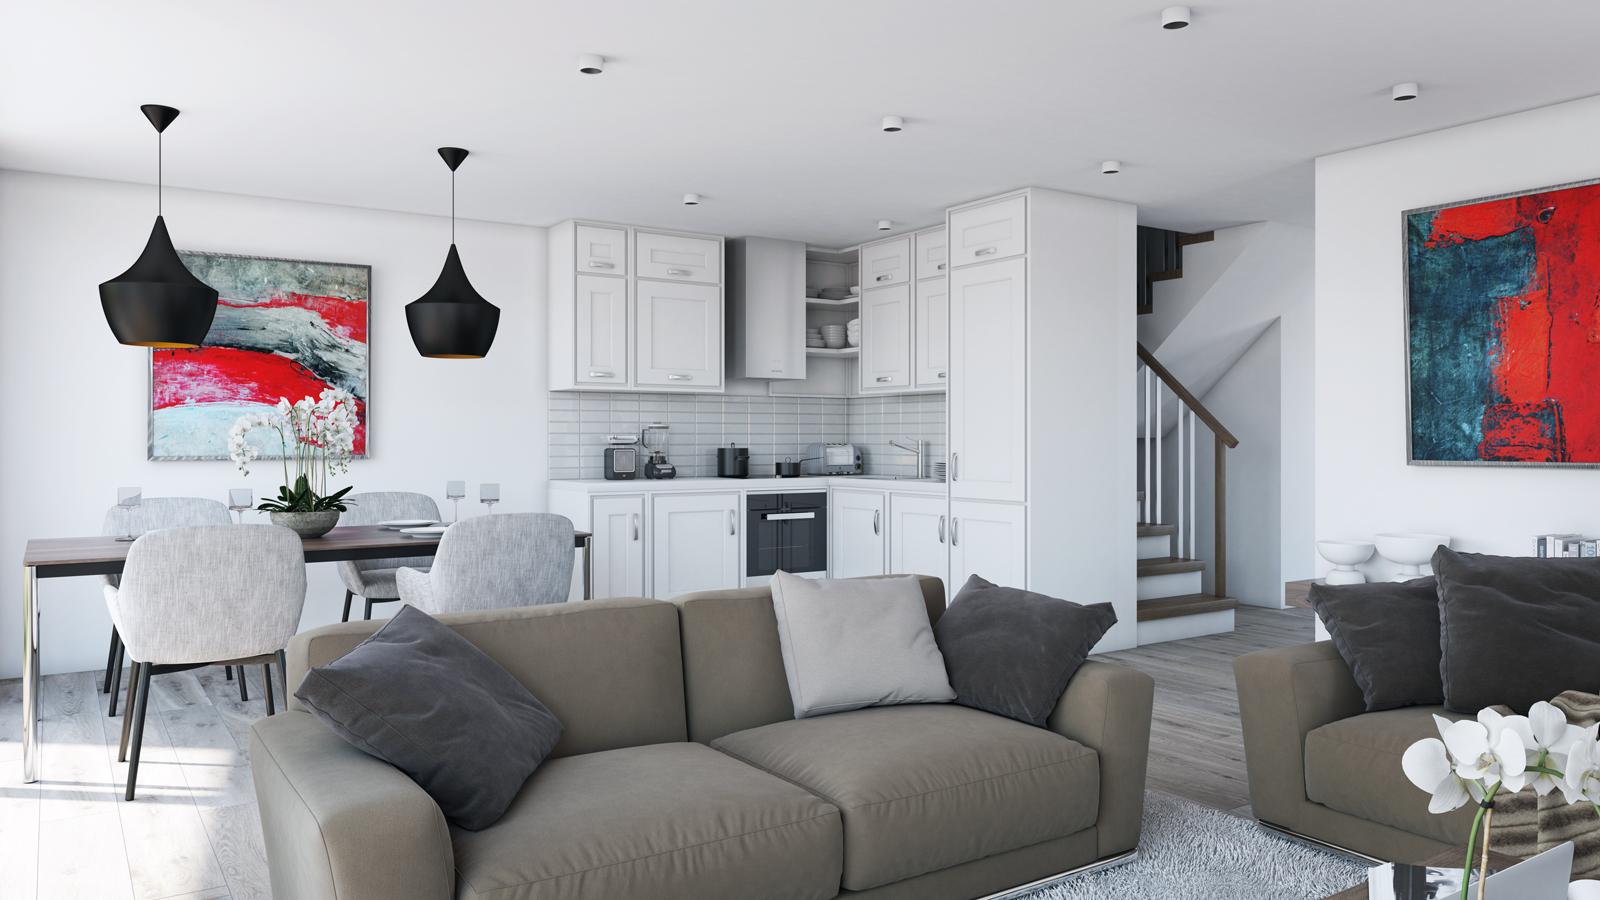 Panneaux maison ossature bois Nordi 05 L 133 m²